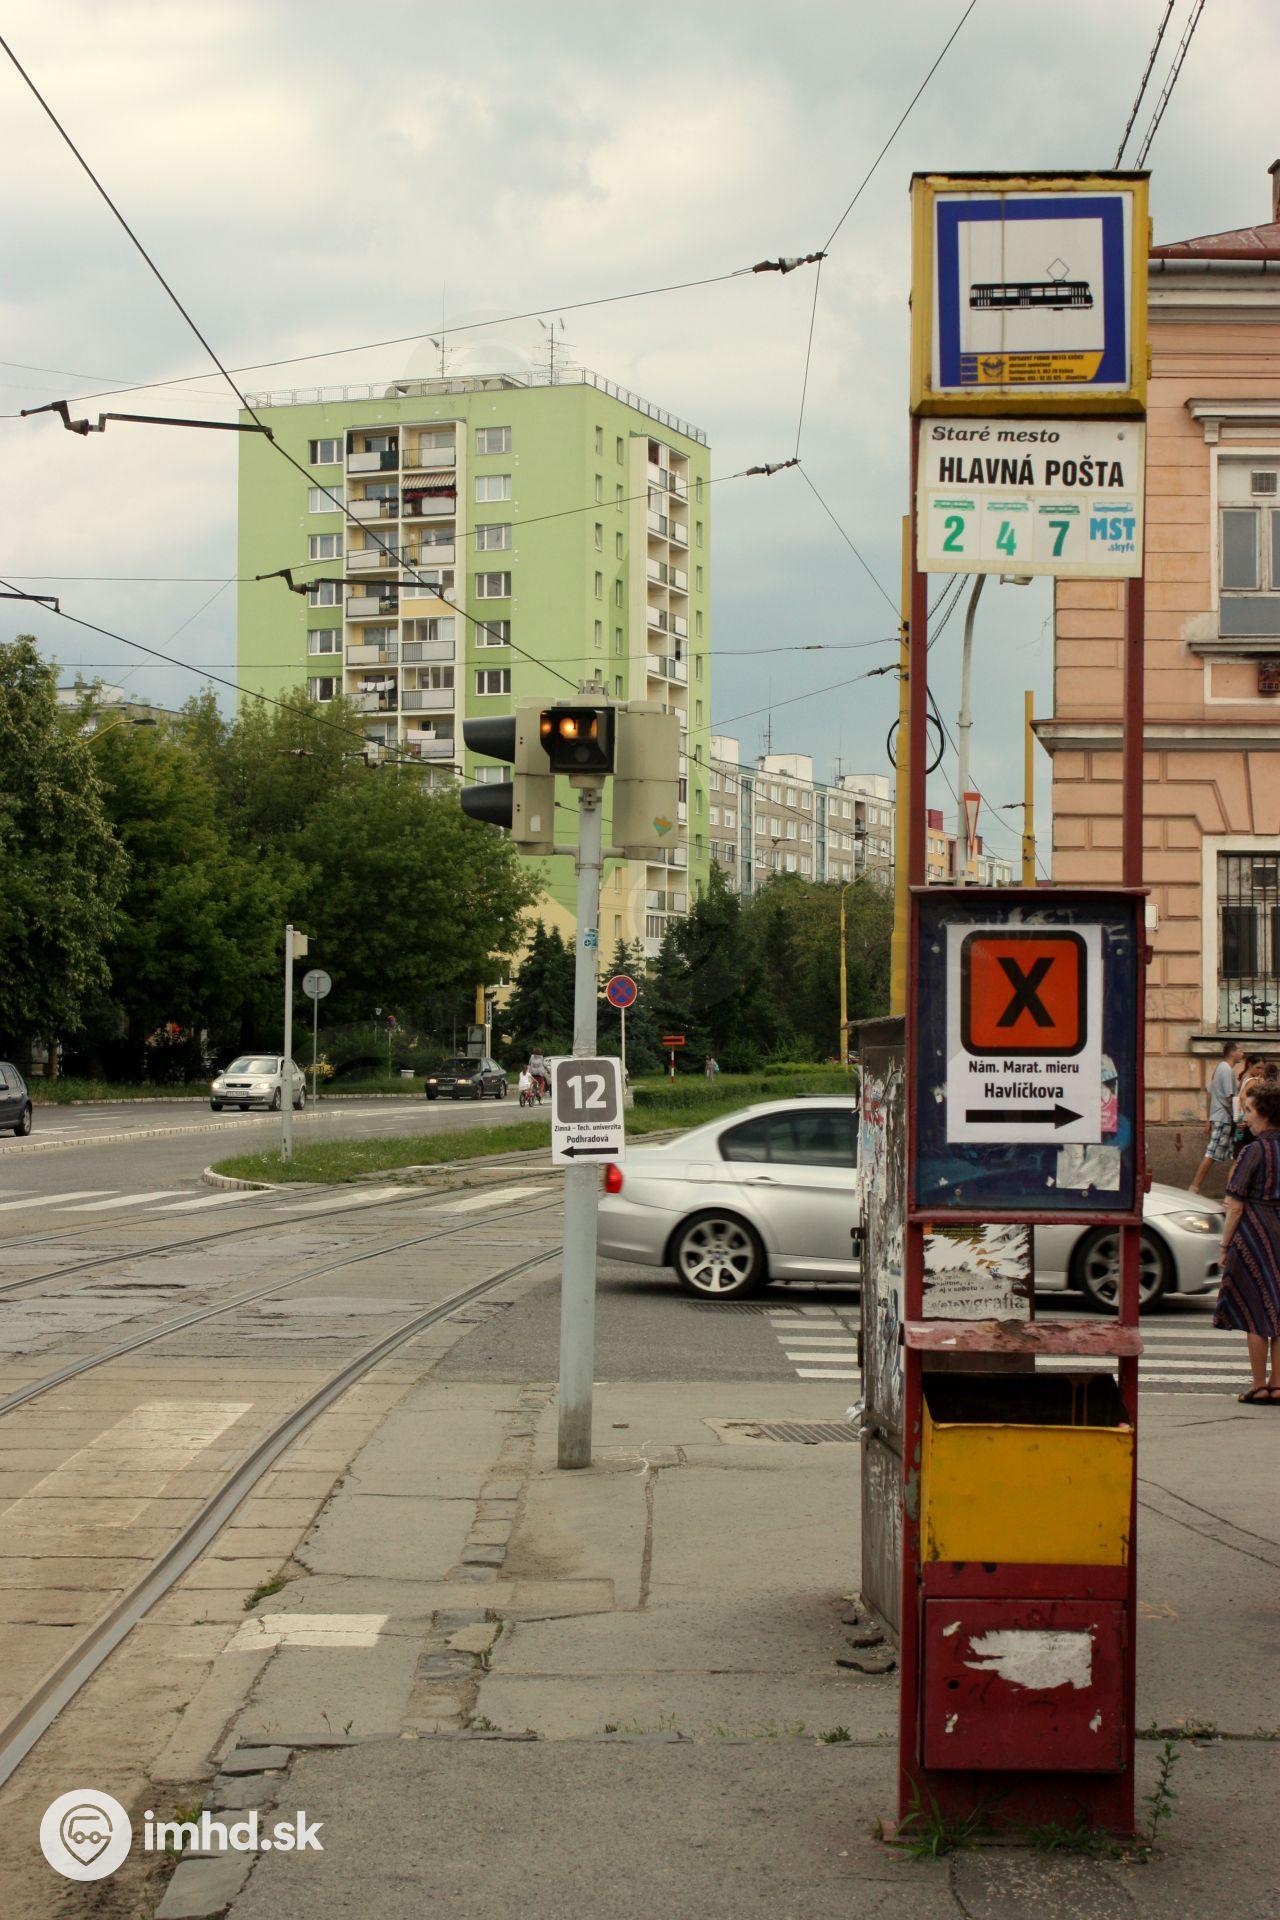 532ce14d46 Navigácia na zastávke • imhd.sk Košice